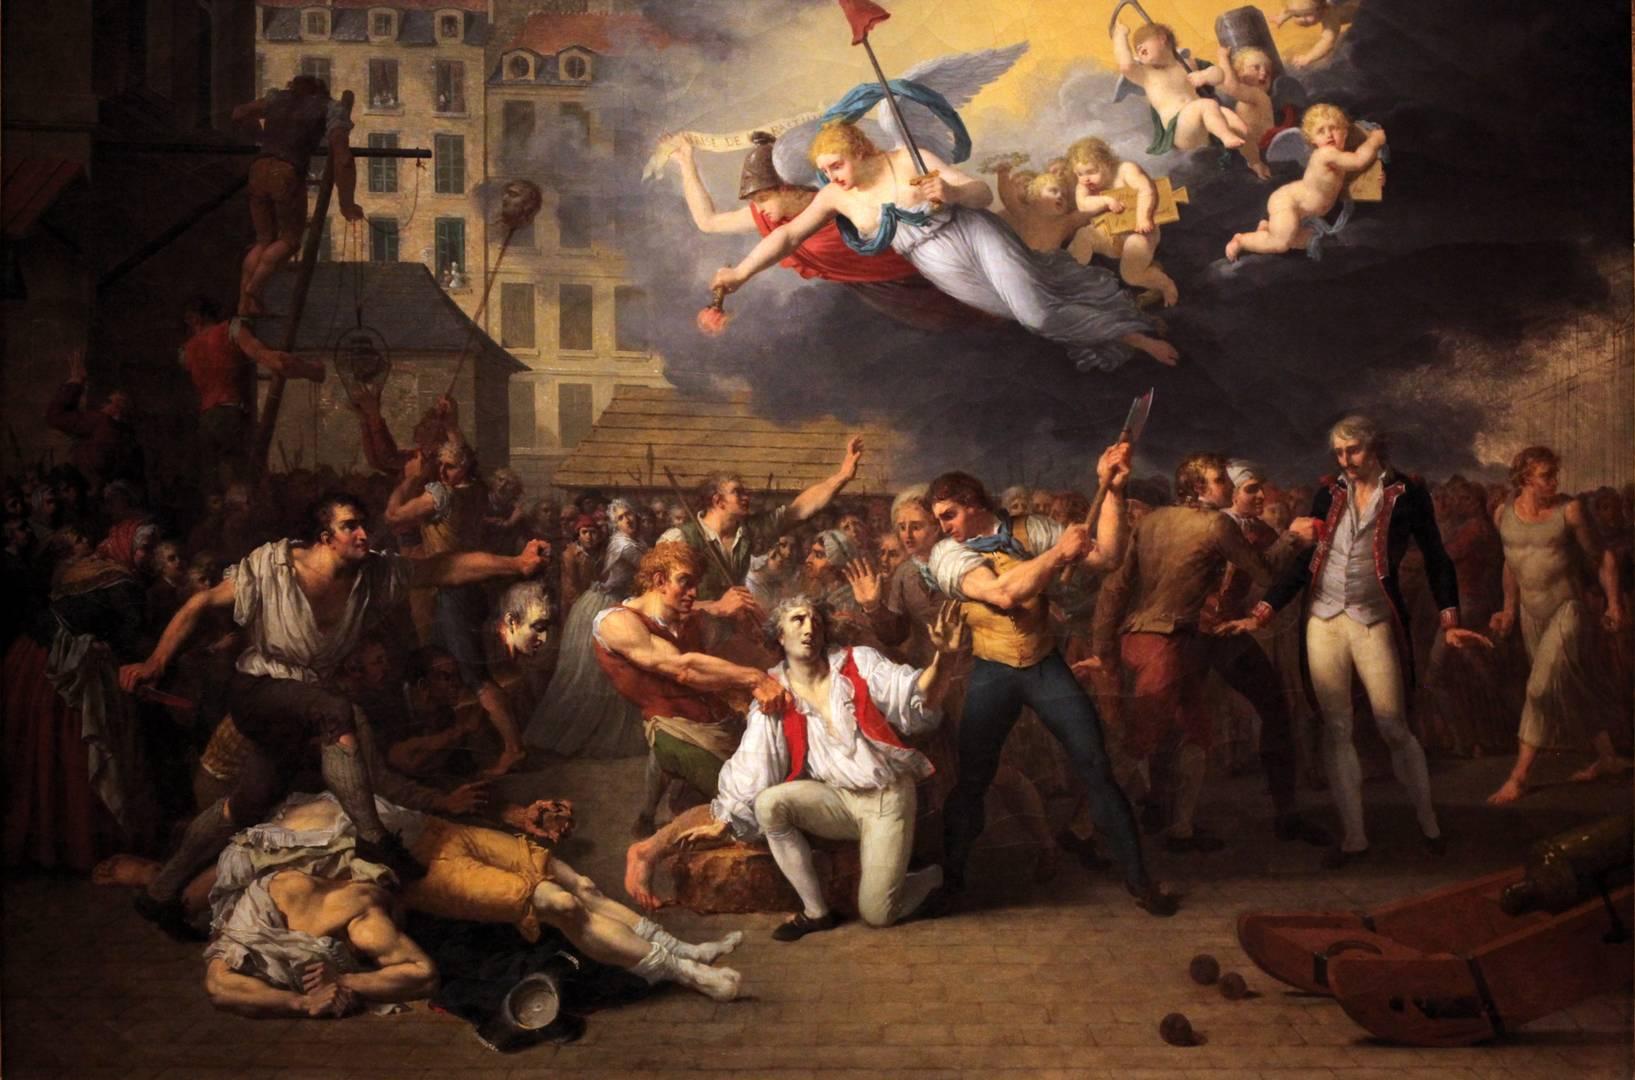 Шарль Поль Ландон. Народная месть после взятия Бастилии. 1793